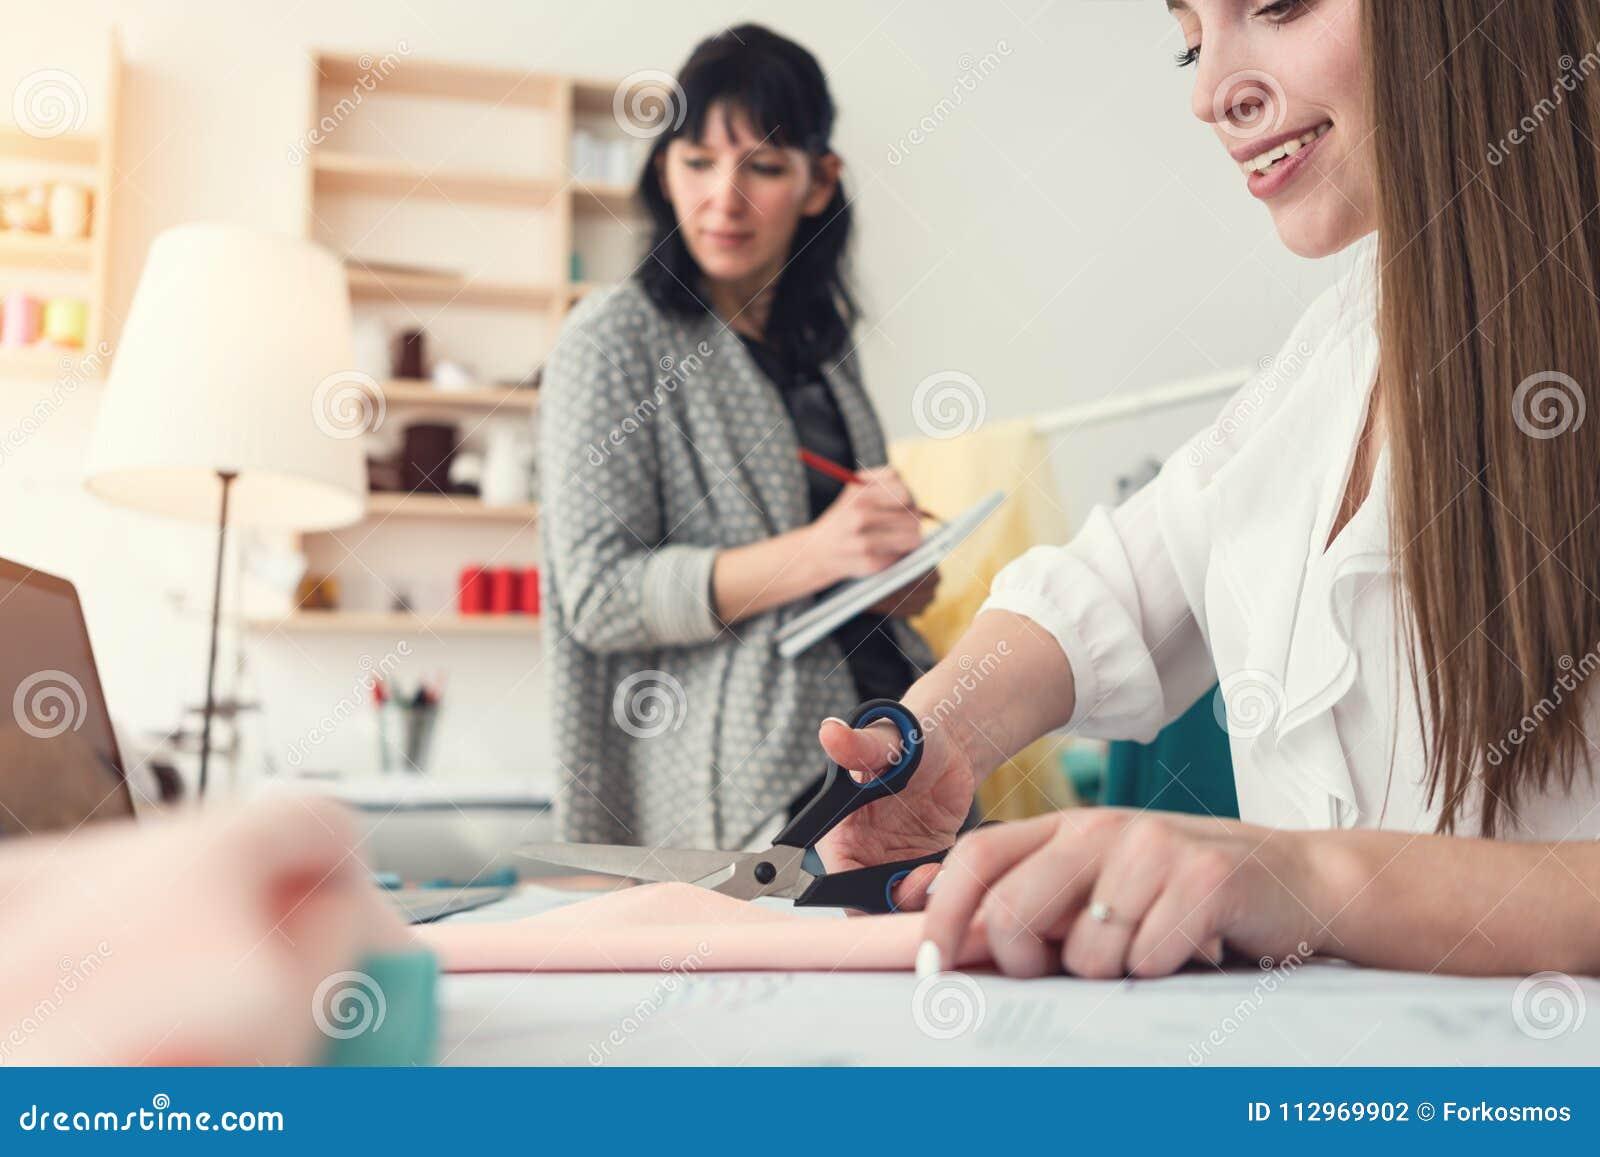 Работа отростчатая в шить студии 2 женщин dressmaker Зашейте мелкий бизнес Команда дизайнеров одежды шьет и создается